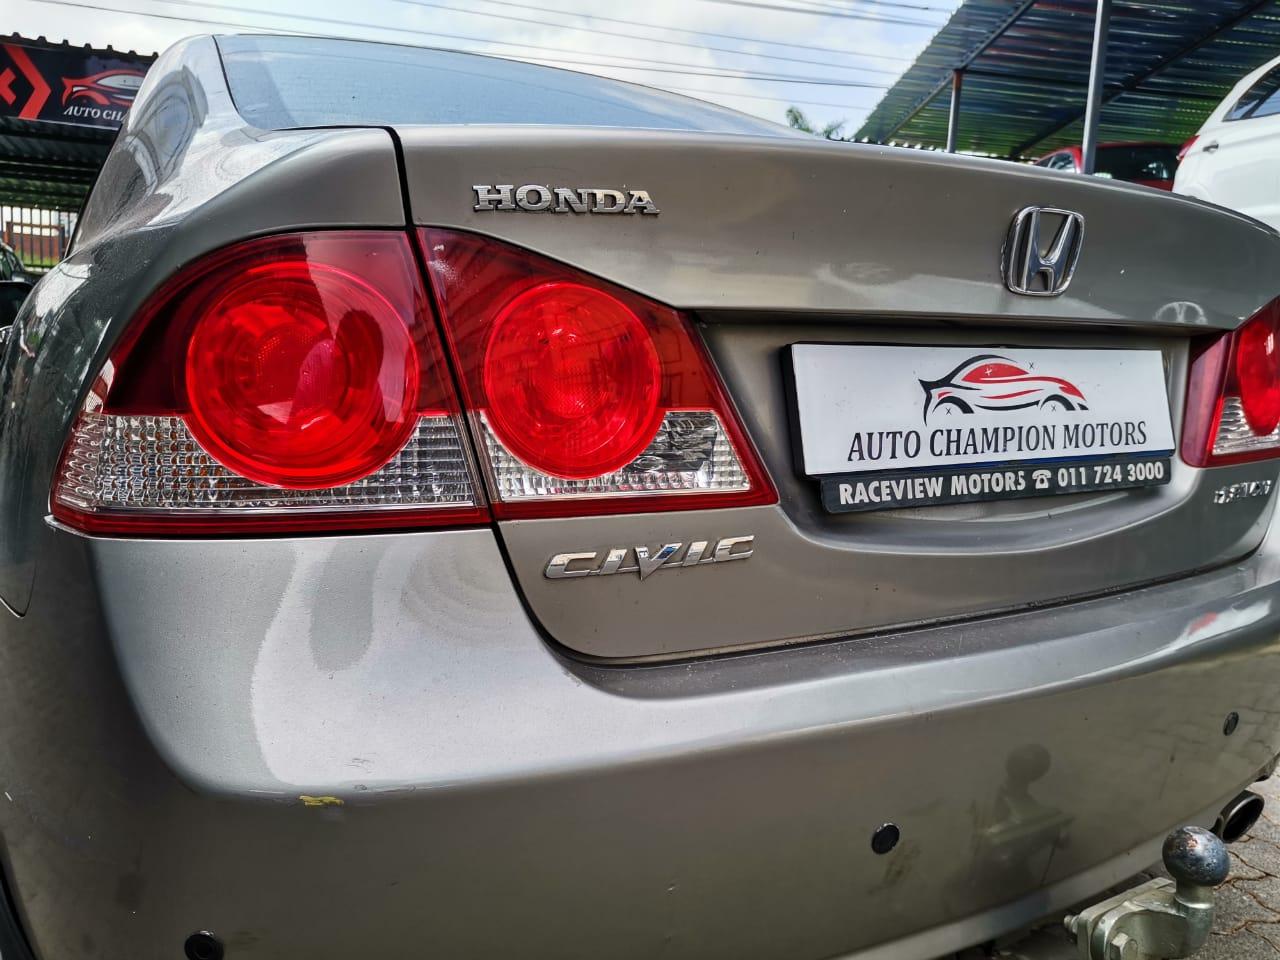 2009 Honda Civic sedan 1.8 EXi automatic